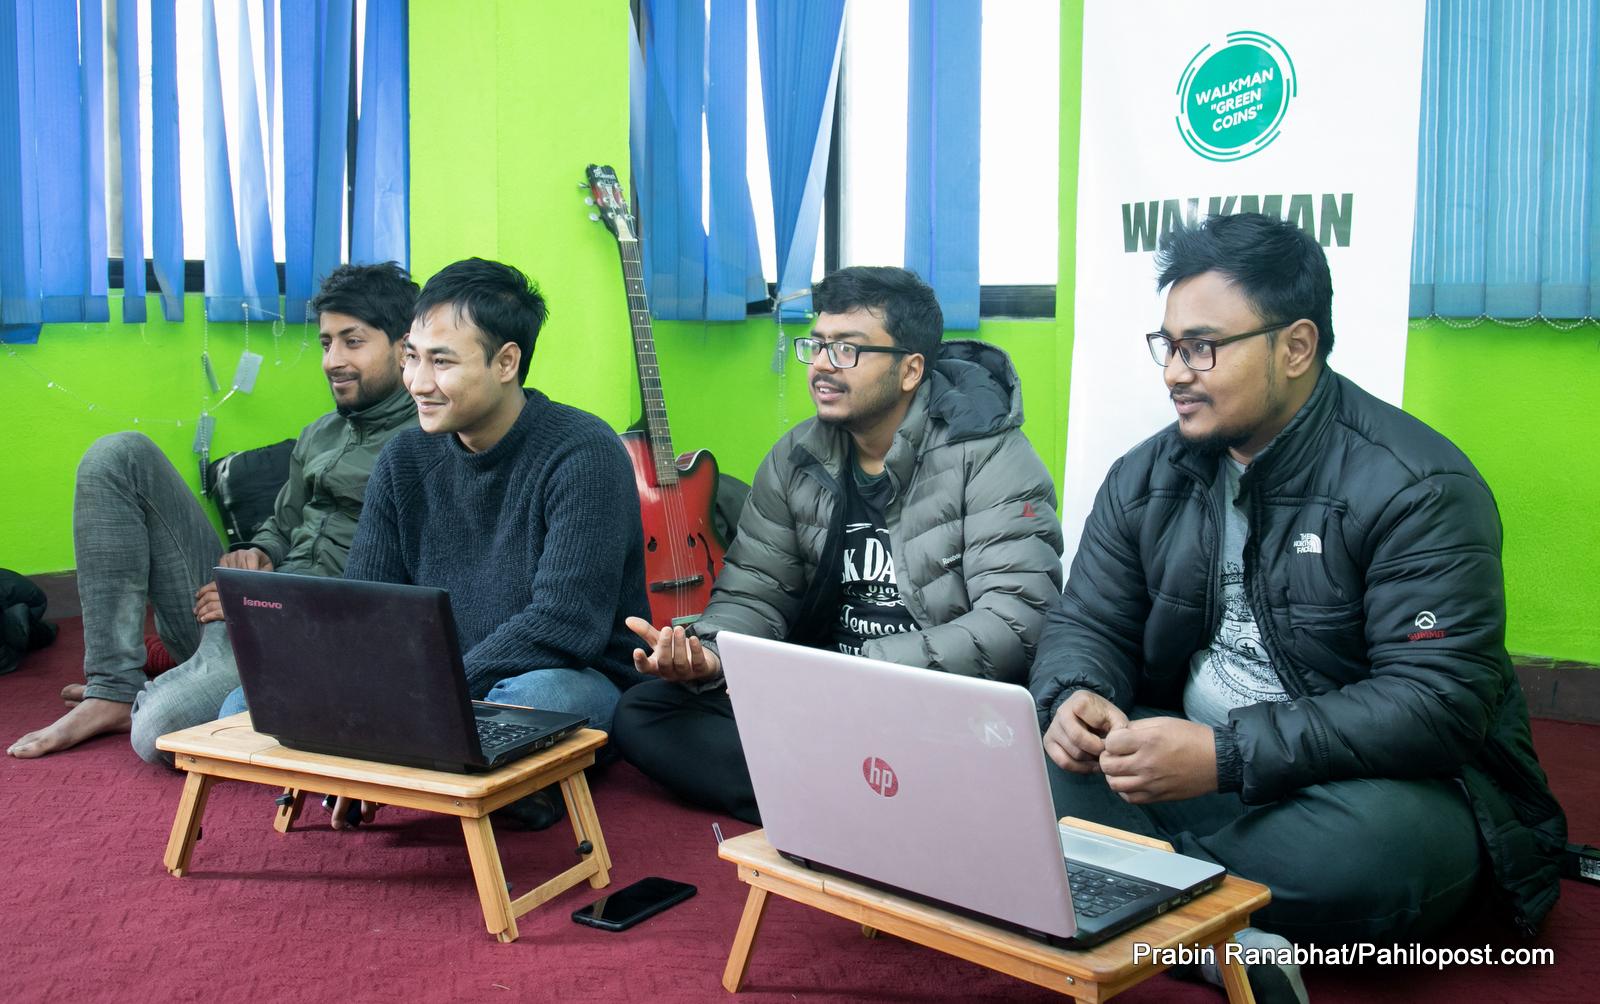 नेपाली युवाको हिँड्न हौस्याउने इनोभेटिभ एप : वाकम्यान - ग्रीन क्वाइन्स